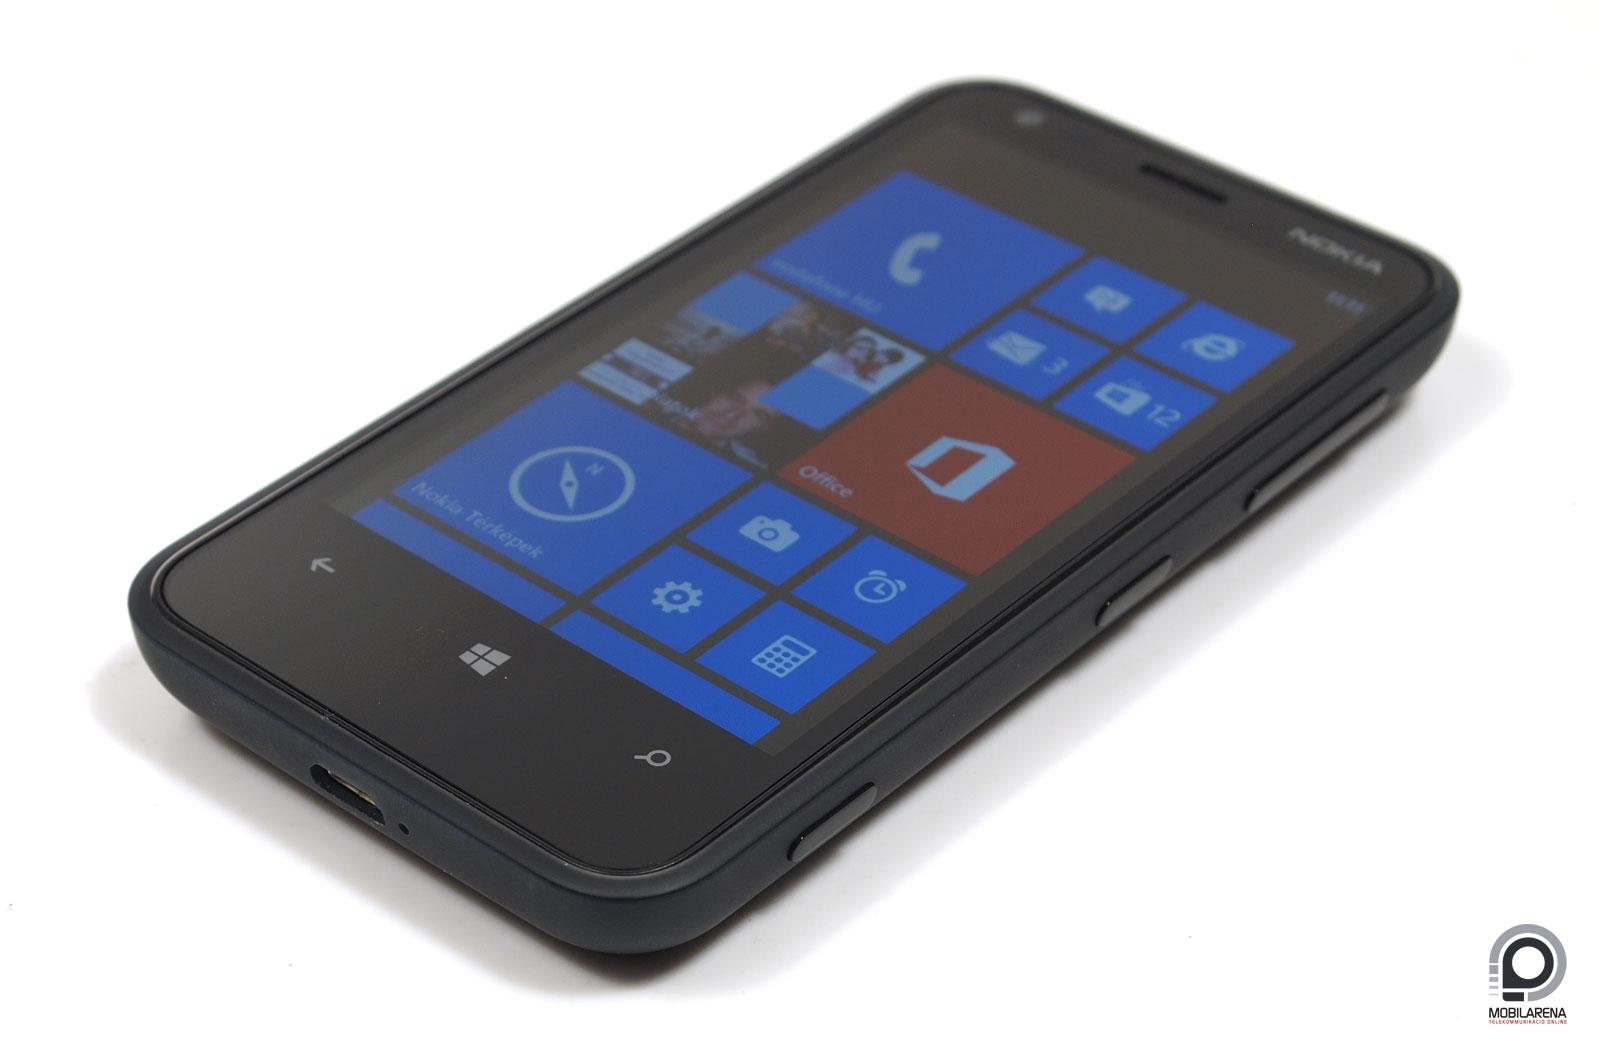 Nokia Lumia 620 - olcsó ablak északról - Mobilarena ...